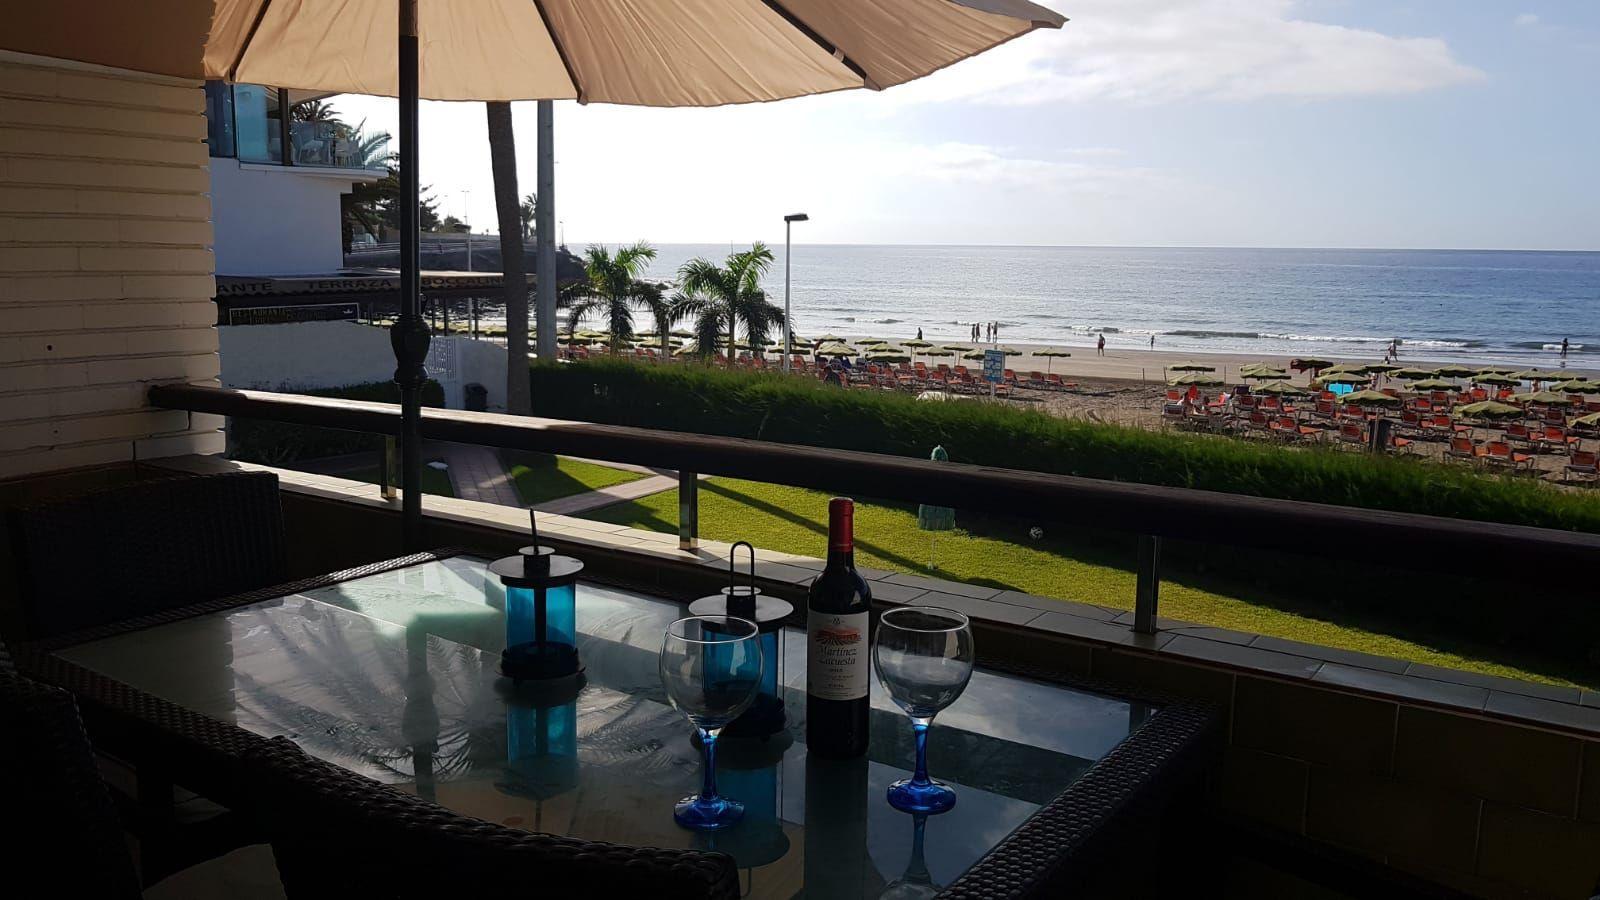 Ferienwohnung für 4 Personen ca 45 m² in San Agustin Gran Canaria Südküste Gran Canaria